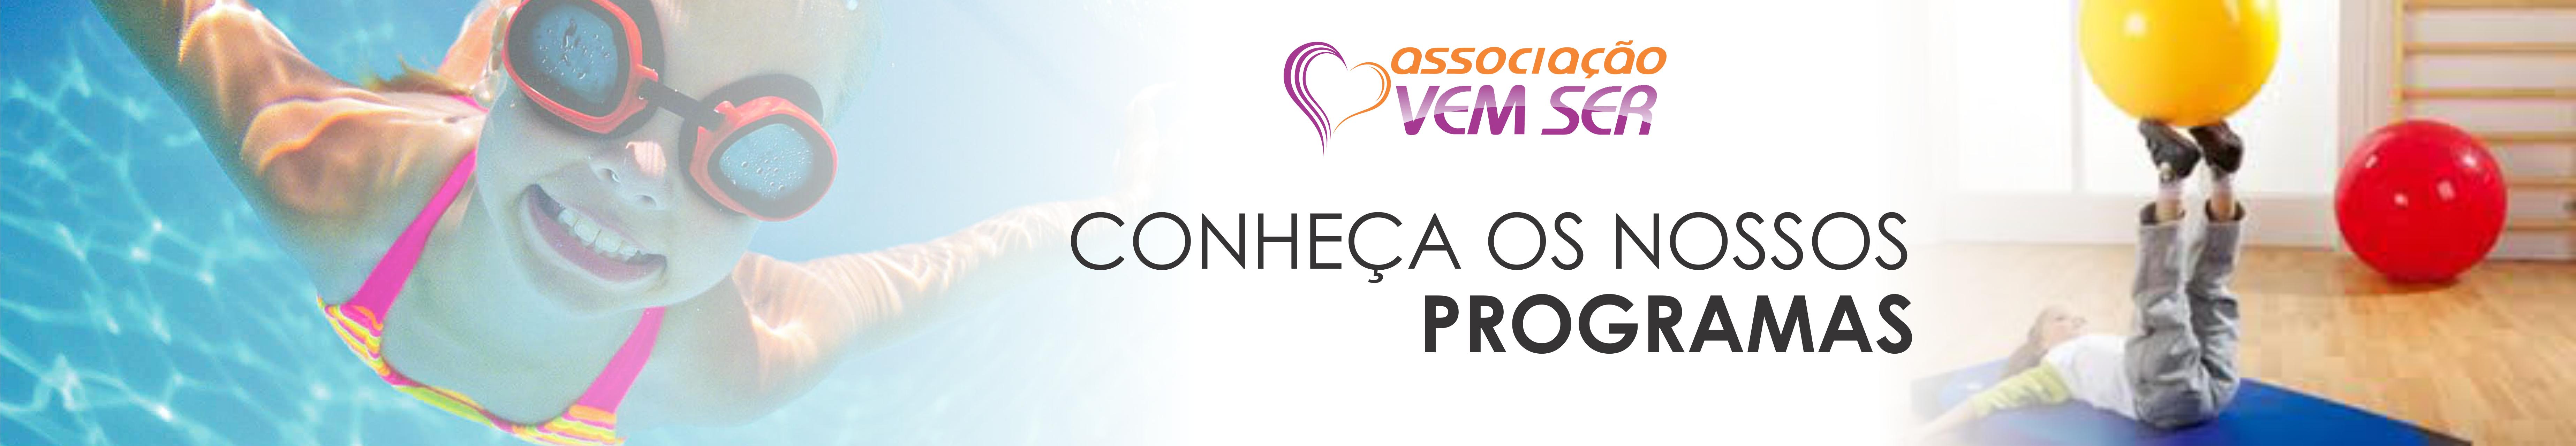 CONHEÇA NOSSOS PROGRAMAS